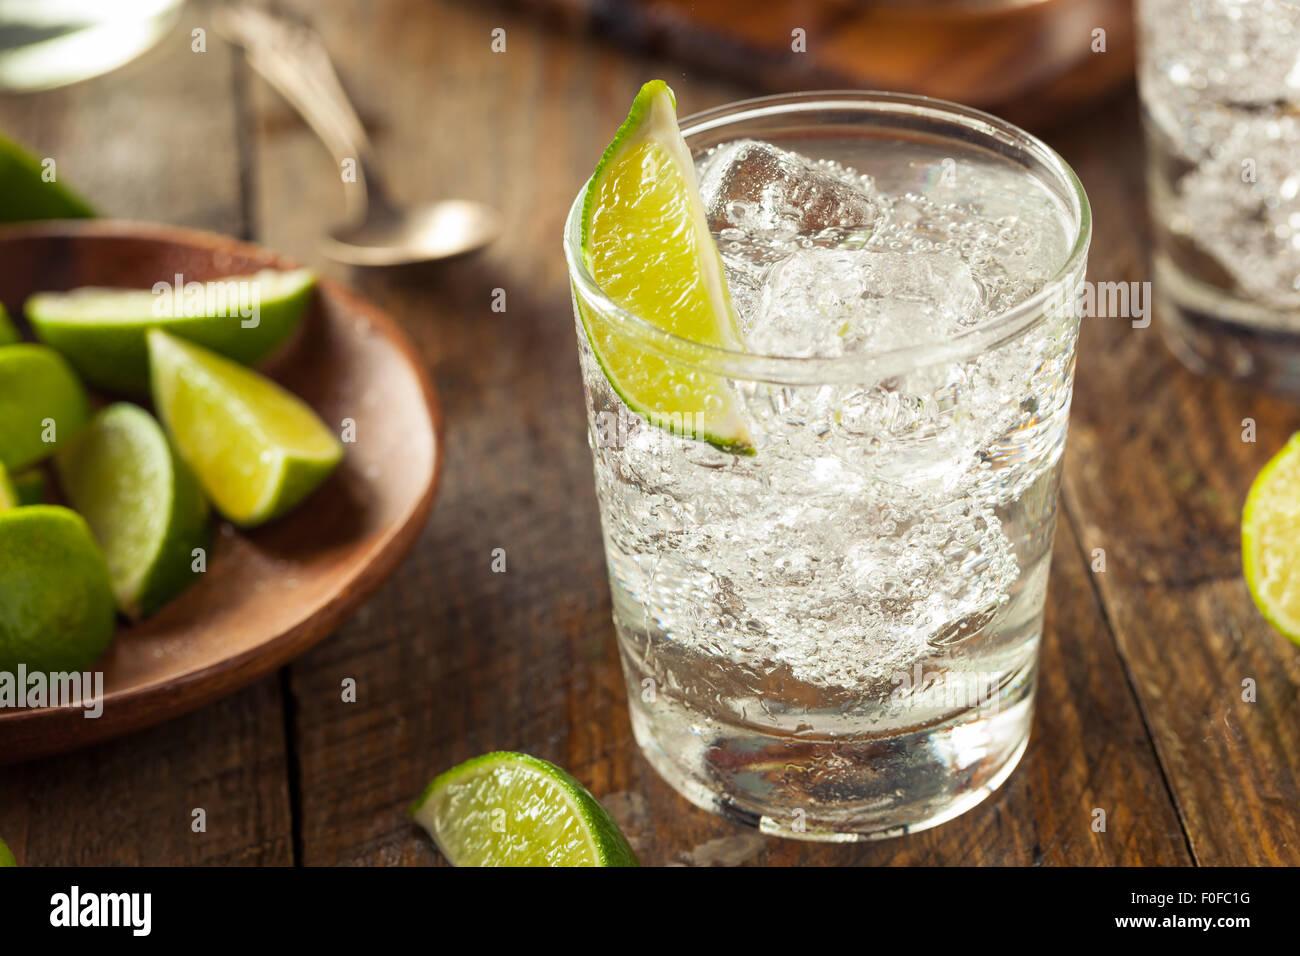 Bevande Gin Tonic con un calce guarnire Immagini Stock